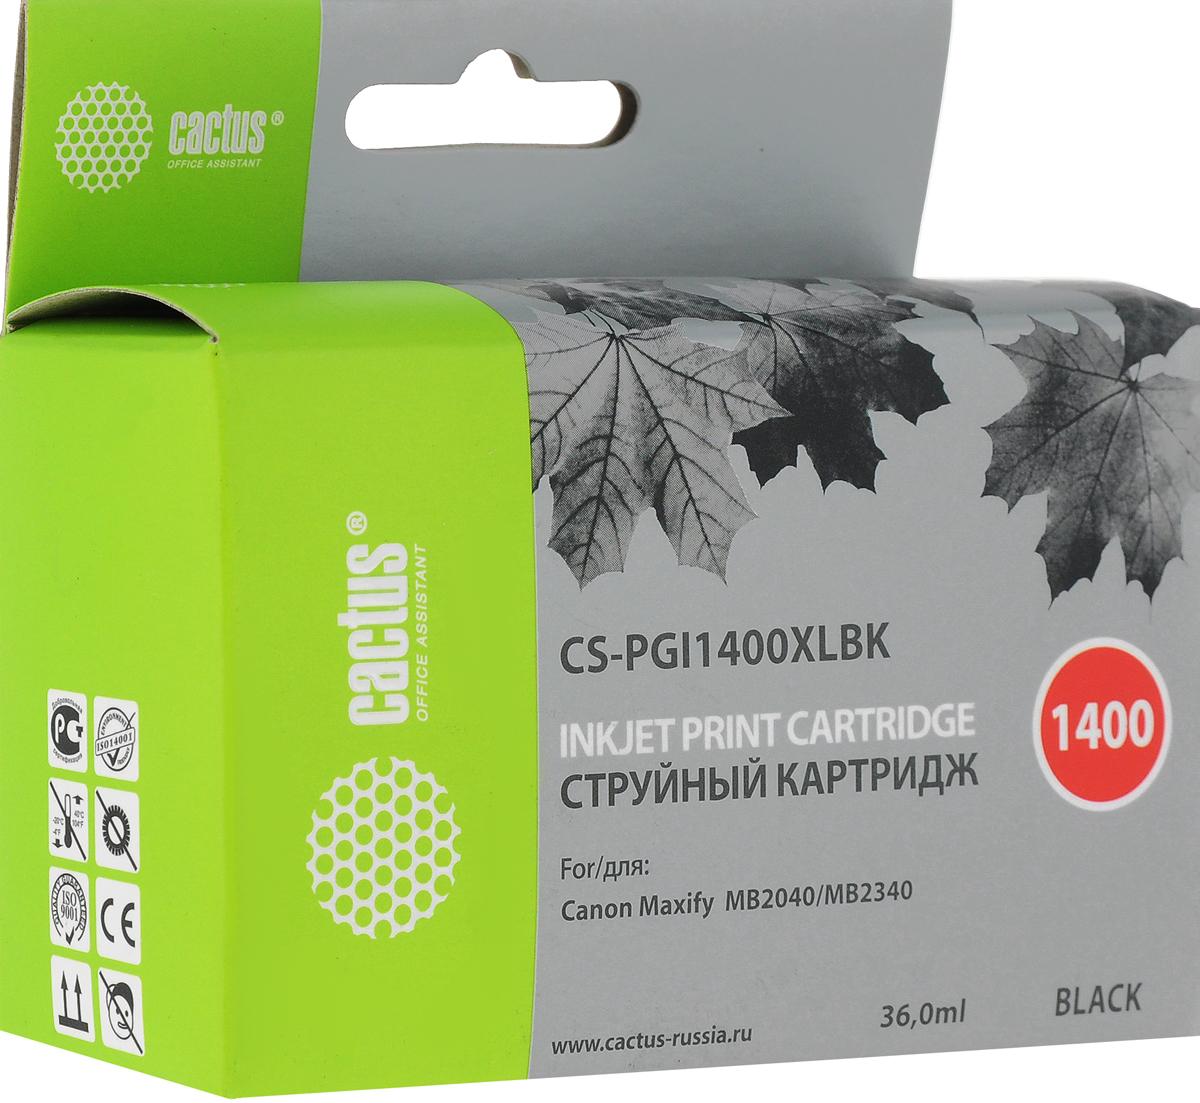 Cactus CS-PGI1400XLBK, Black картридж струйный для Canon MB2050/MB2350/MB2040/MB2340CS-PGI1400XLBKКартридж Cactus CS-PGI1400XLBK для струйных принтеров Canon MB2050/MB2350/MB2040/MB2340.Расходные материалы Cactus для печати максимизируют характеристики принтера. Обеспечивают повышенную четкость изображения и плавность переходов оттенков и полутонов, позволяют отображать мельчайшие детали изображения. Обеспечивают надежное качество печати.Уважаемые клиенты! Обращаем ваше внимание на то, что упаковка может иметь несколько видов дизайна. Поставка осуществляется в зависимости от наличия на складе.